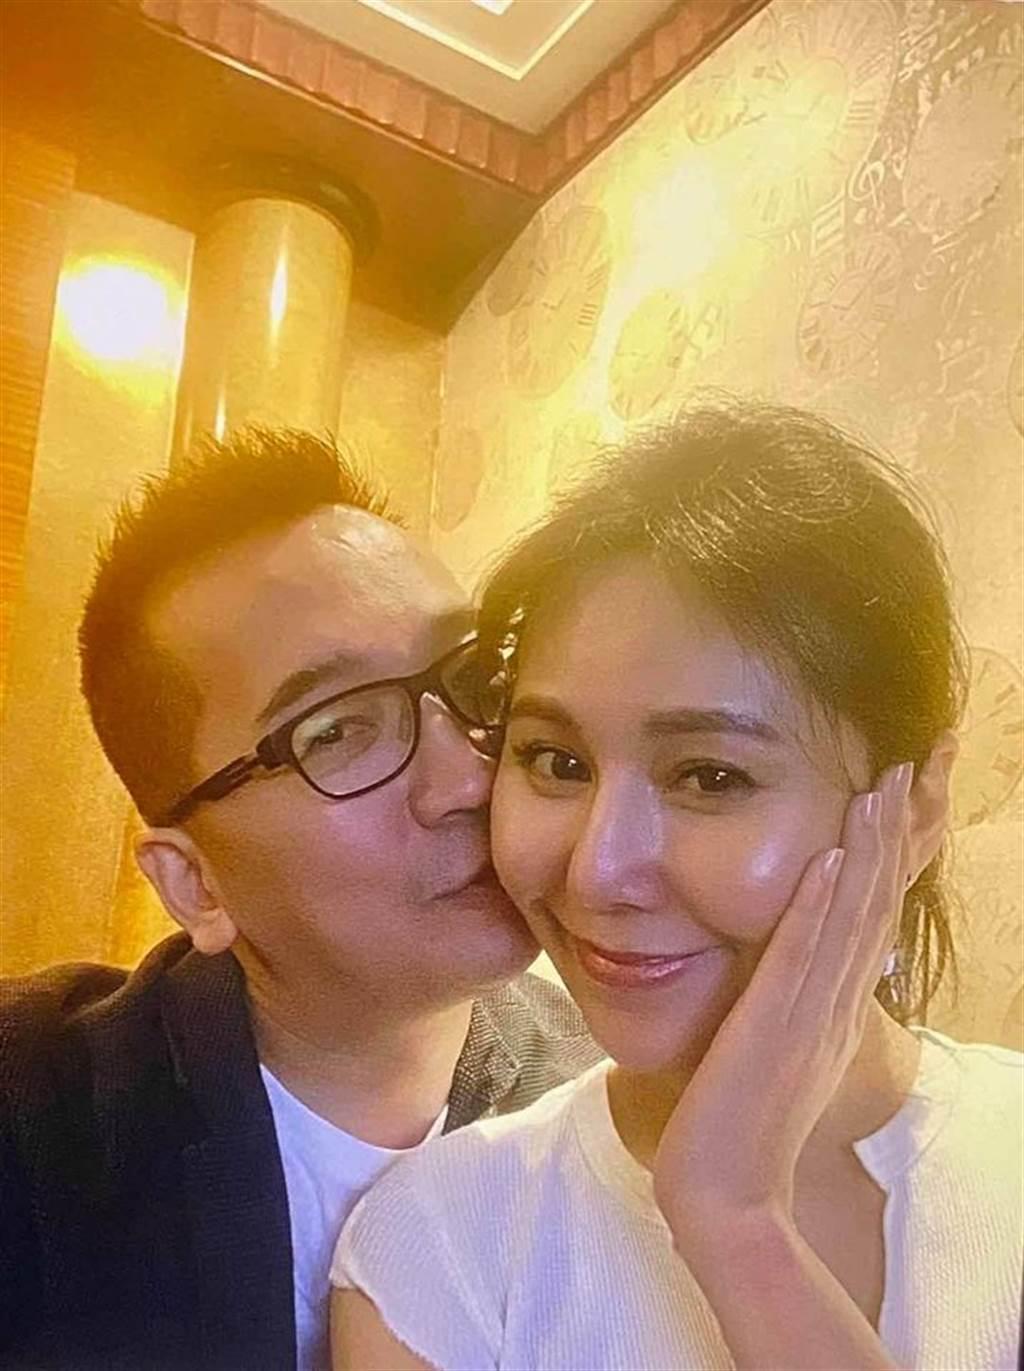 王世均放閃親吻前妻,洪曉蕾笑容超甜。(取自王世均臉書)